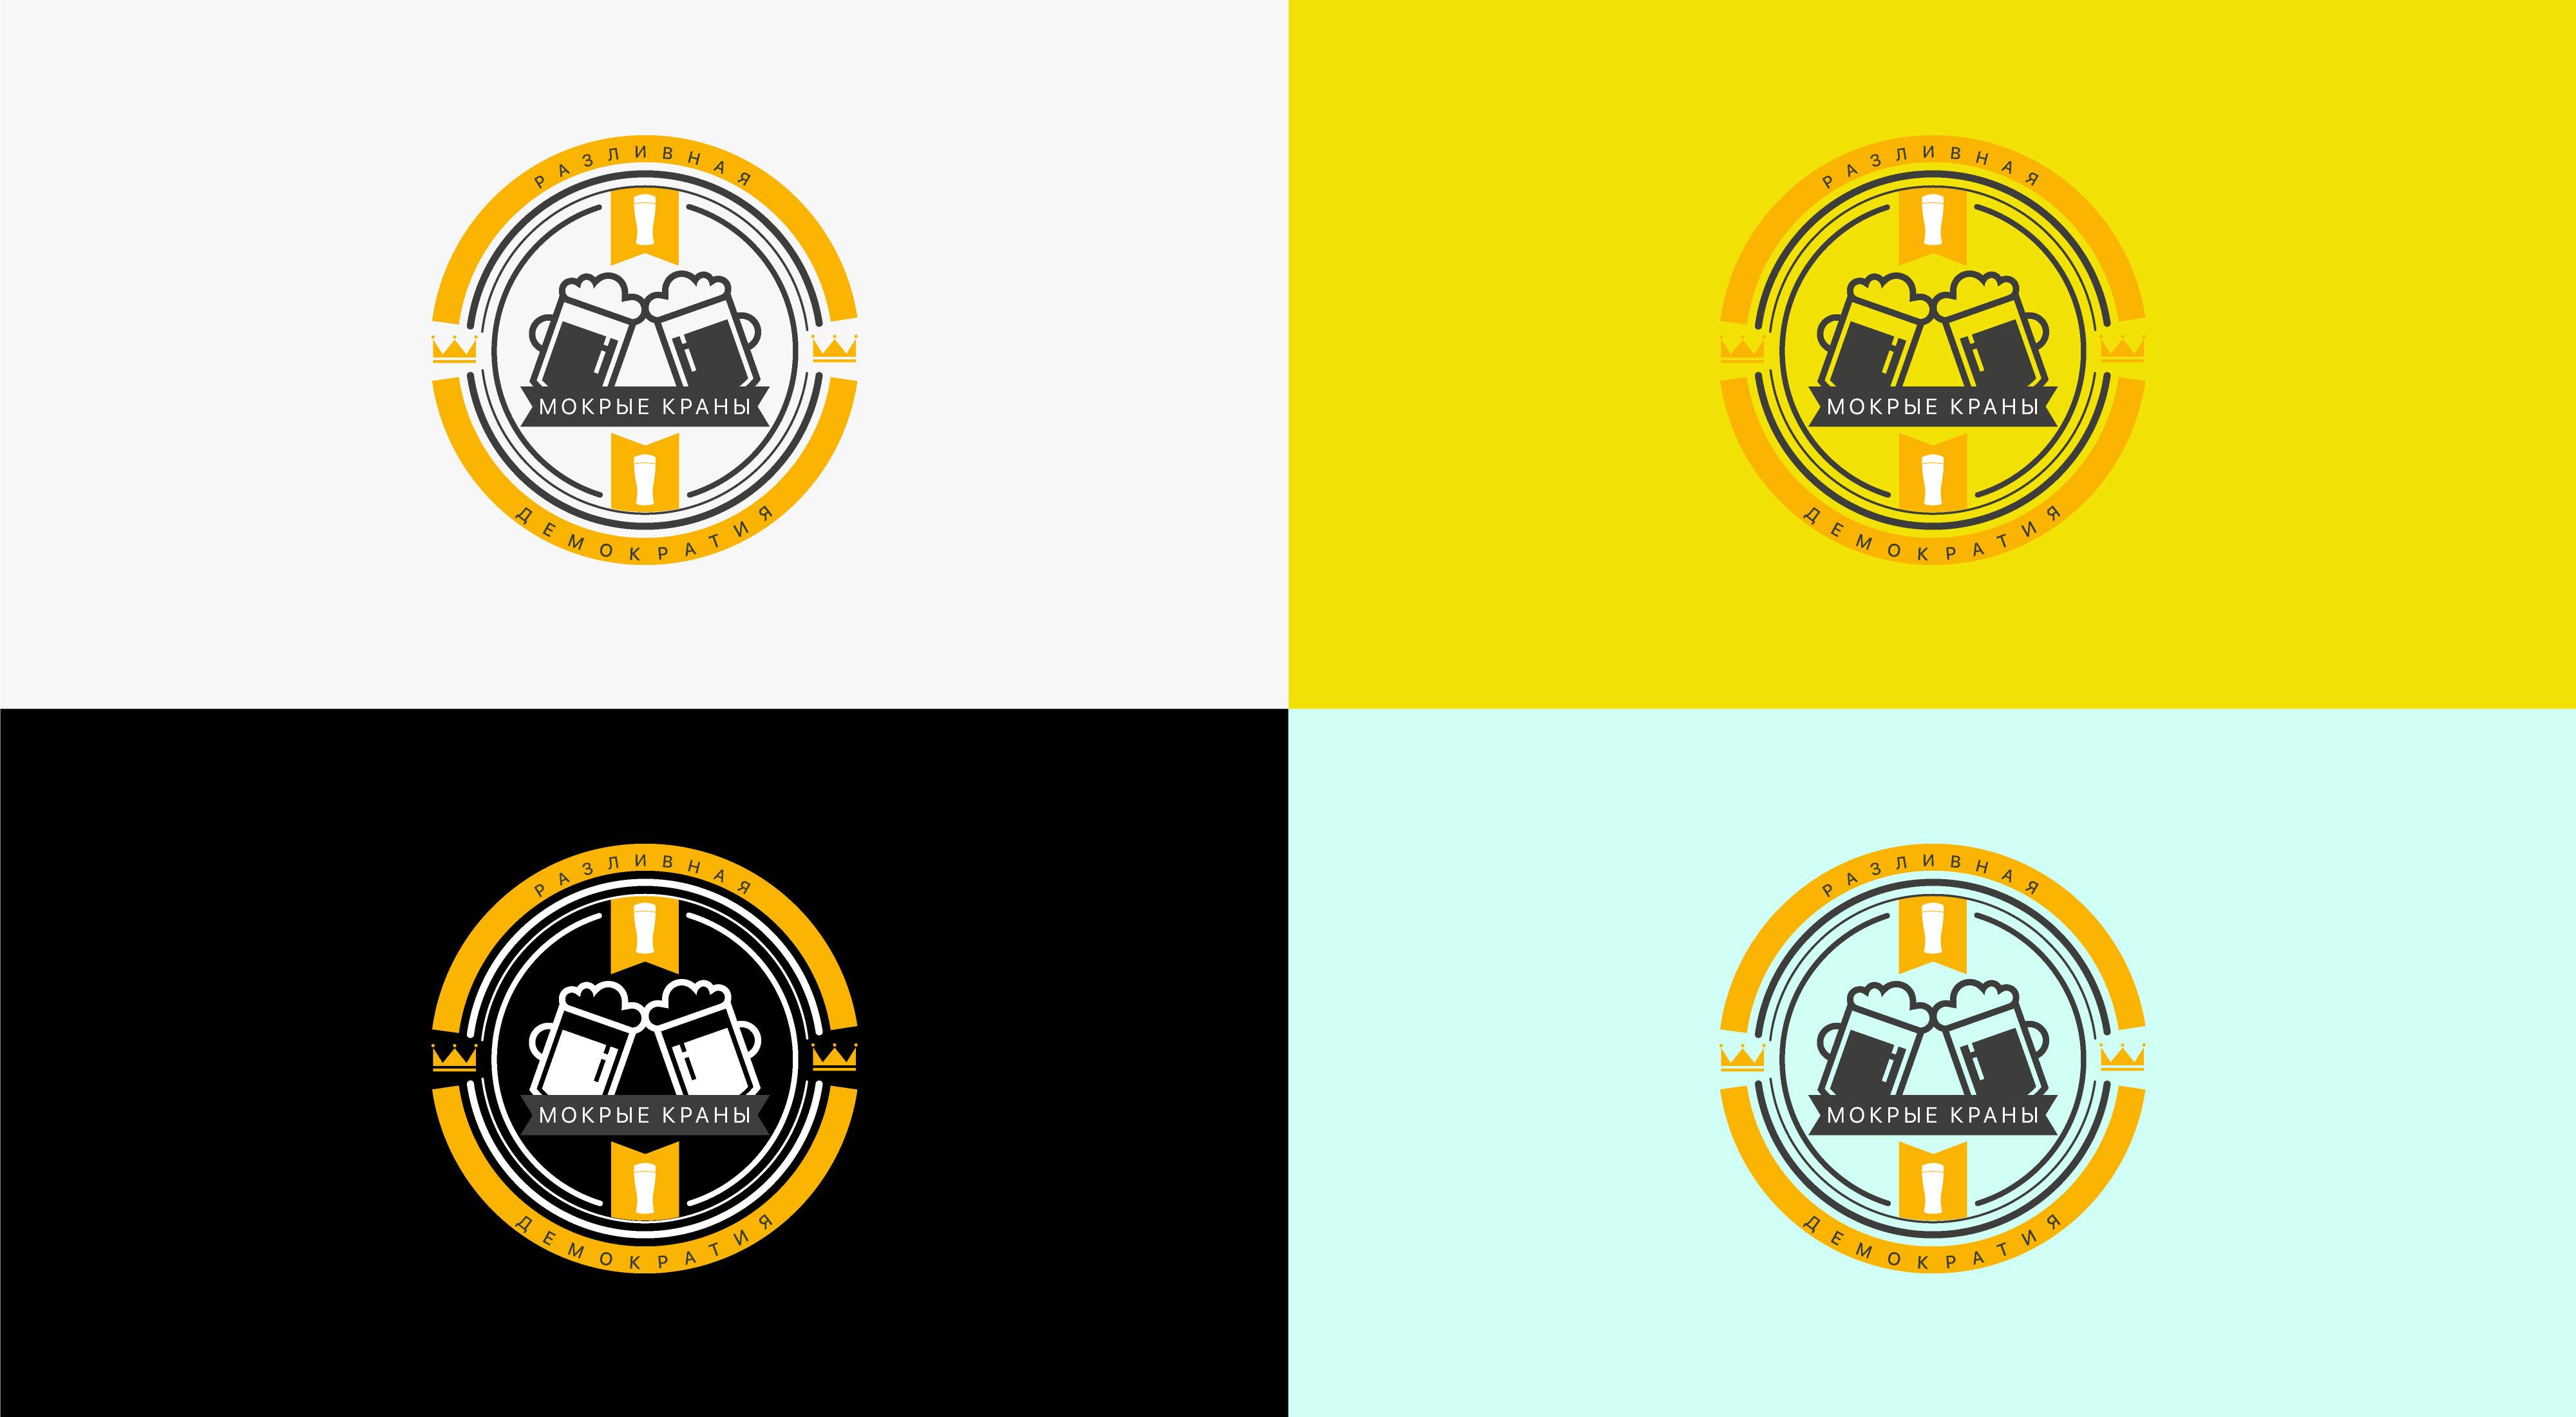 Вывеска/логотип для пивного магазина фото f_6166027febd89bec.jpg